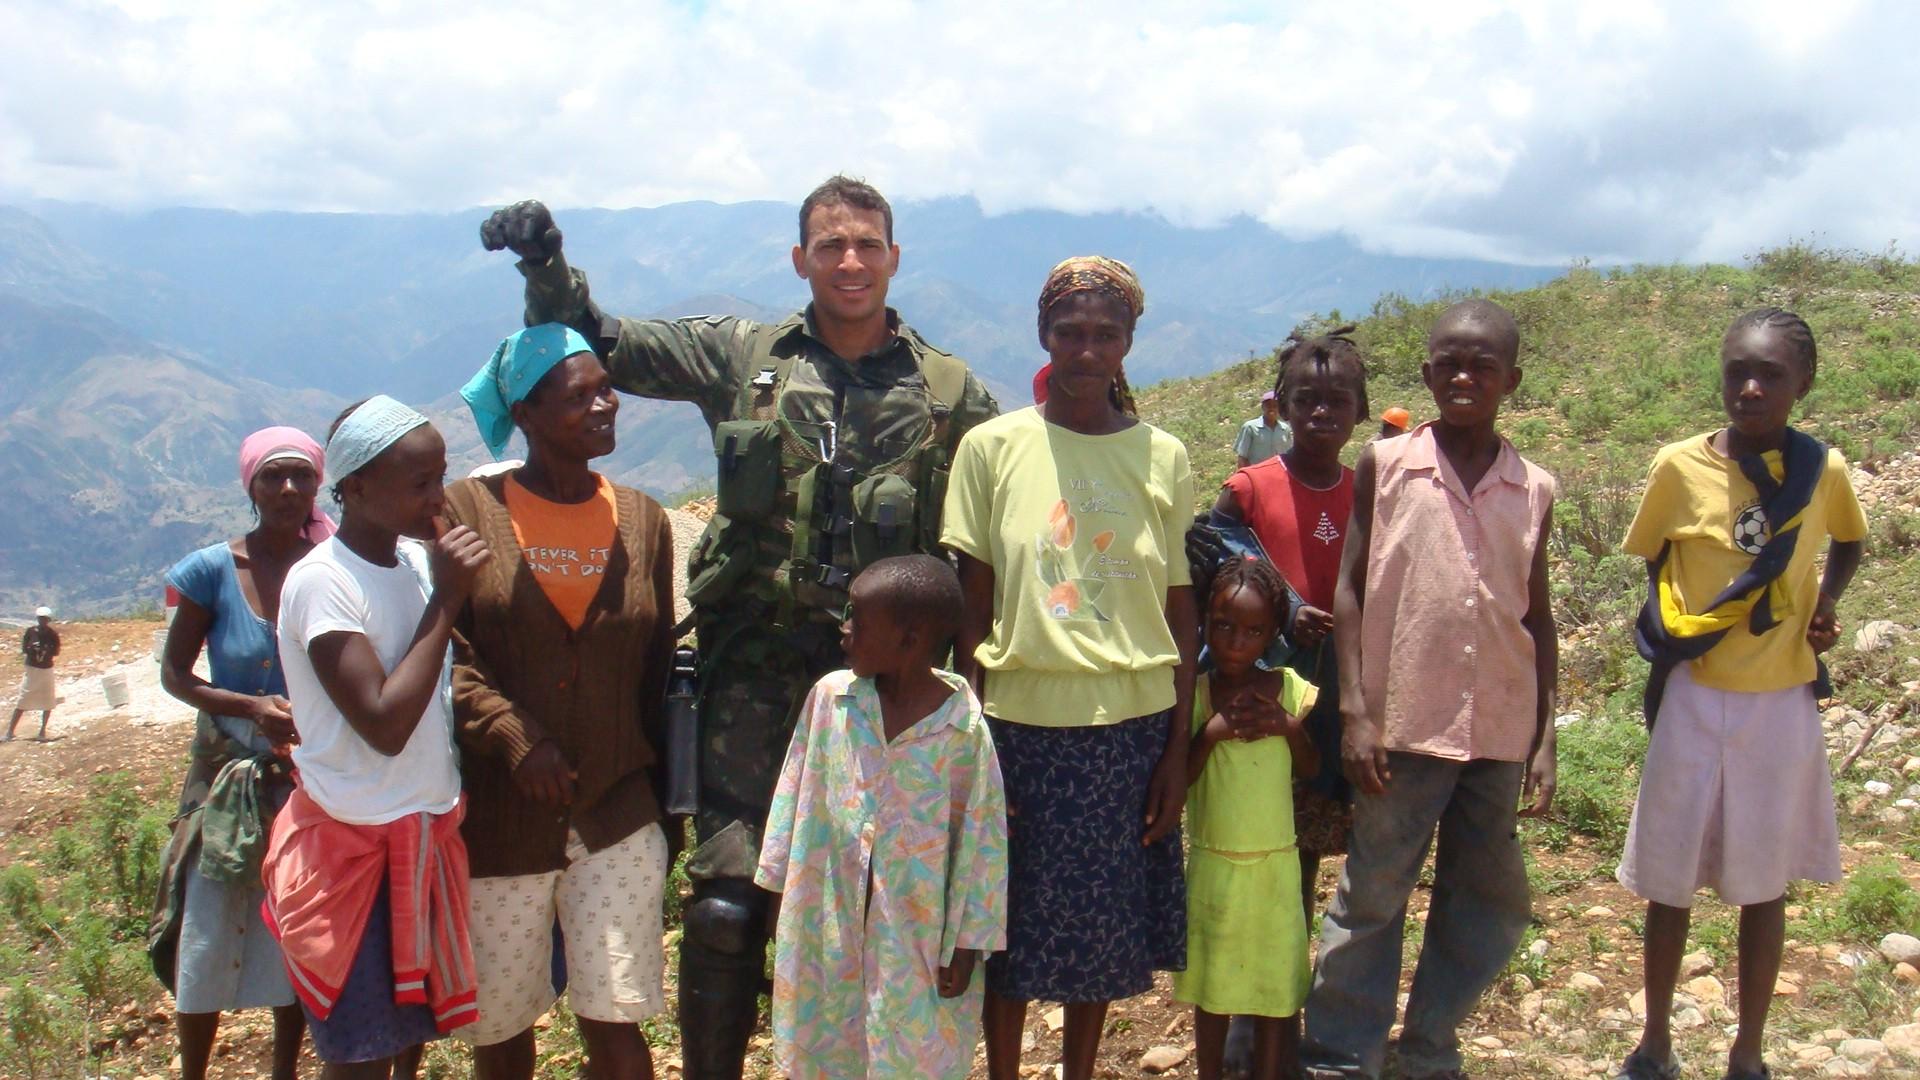 Neudo trabalhou por sete meses em uma missão de paz no Haiti (Foto: Arquivo Pessoal/ Neudo Rodrigues)